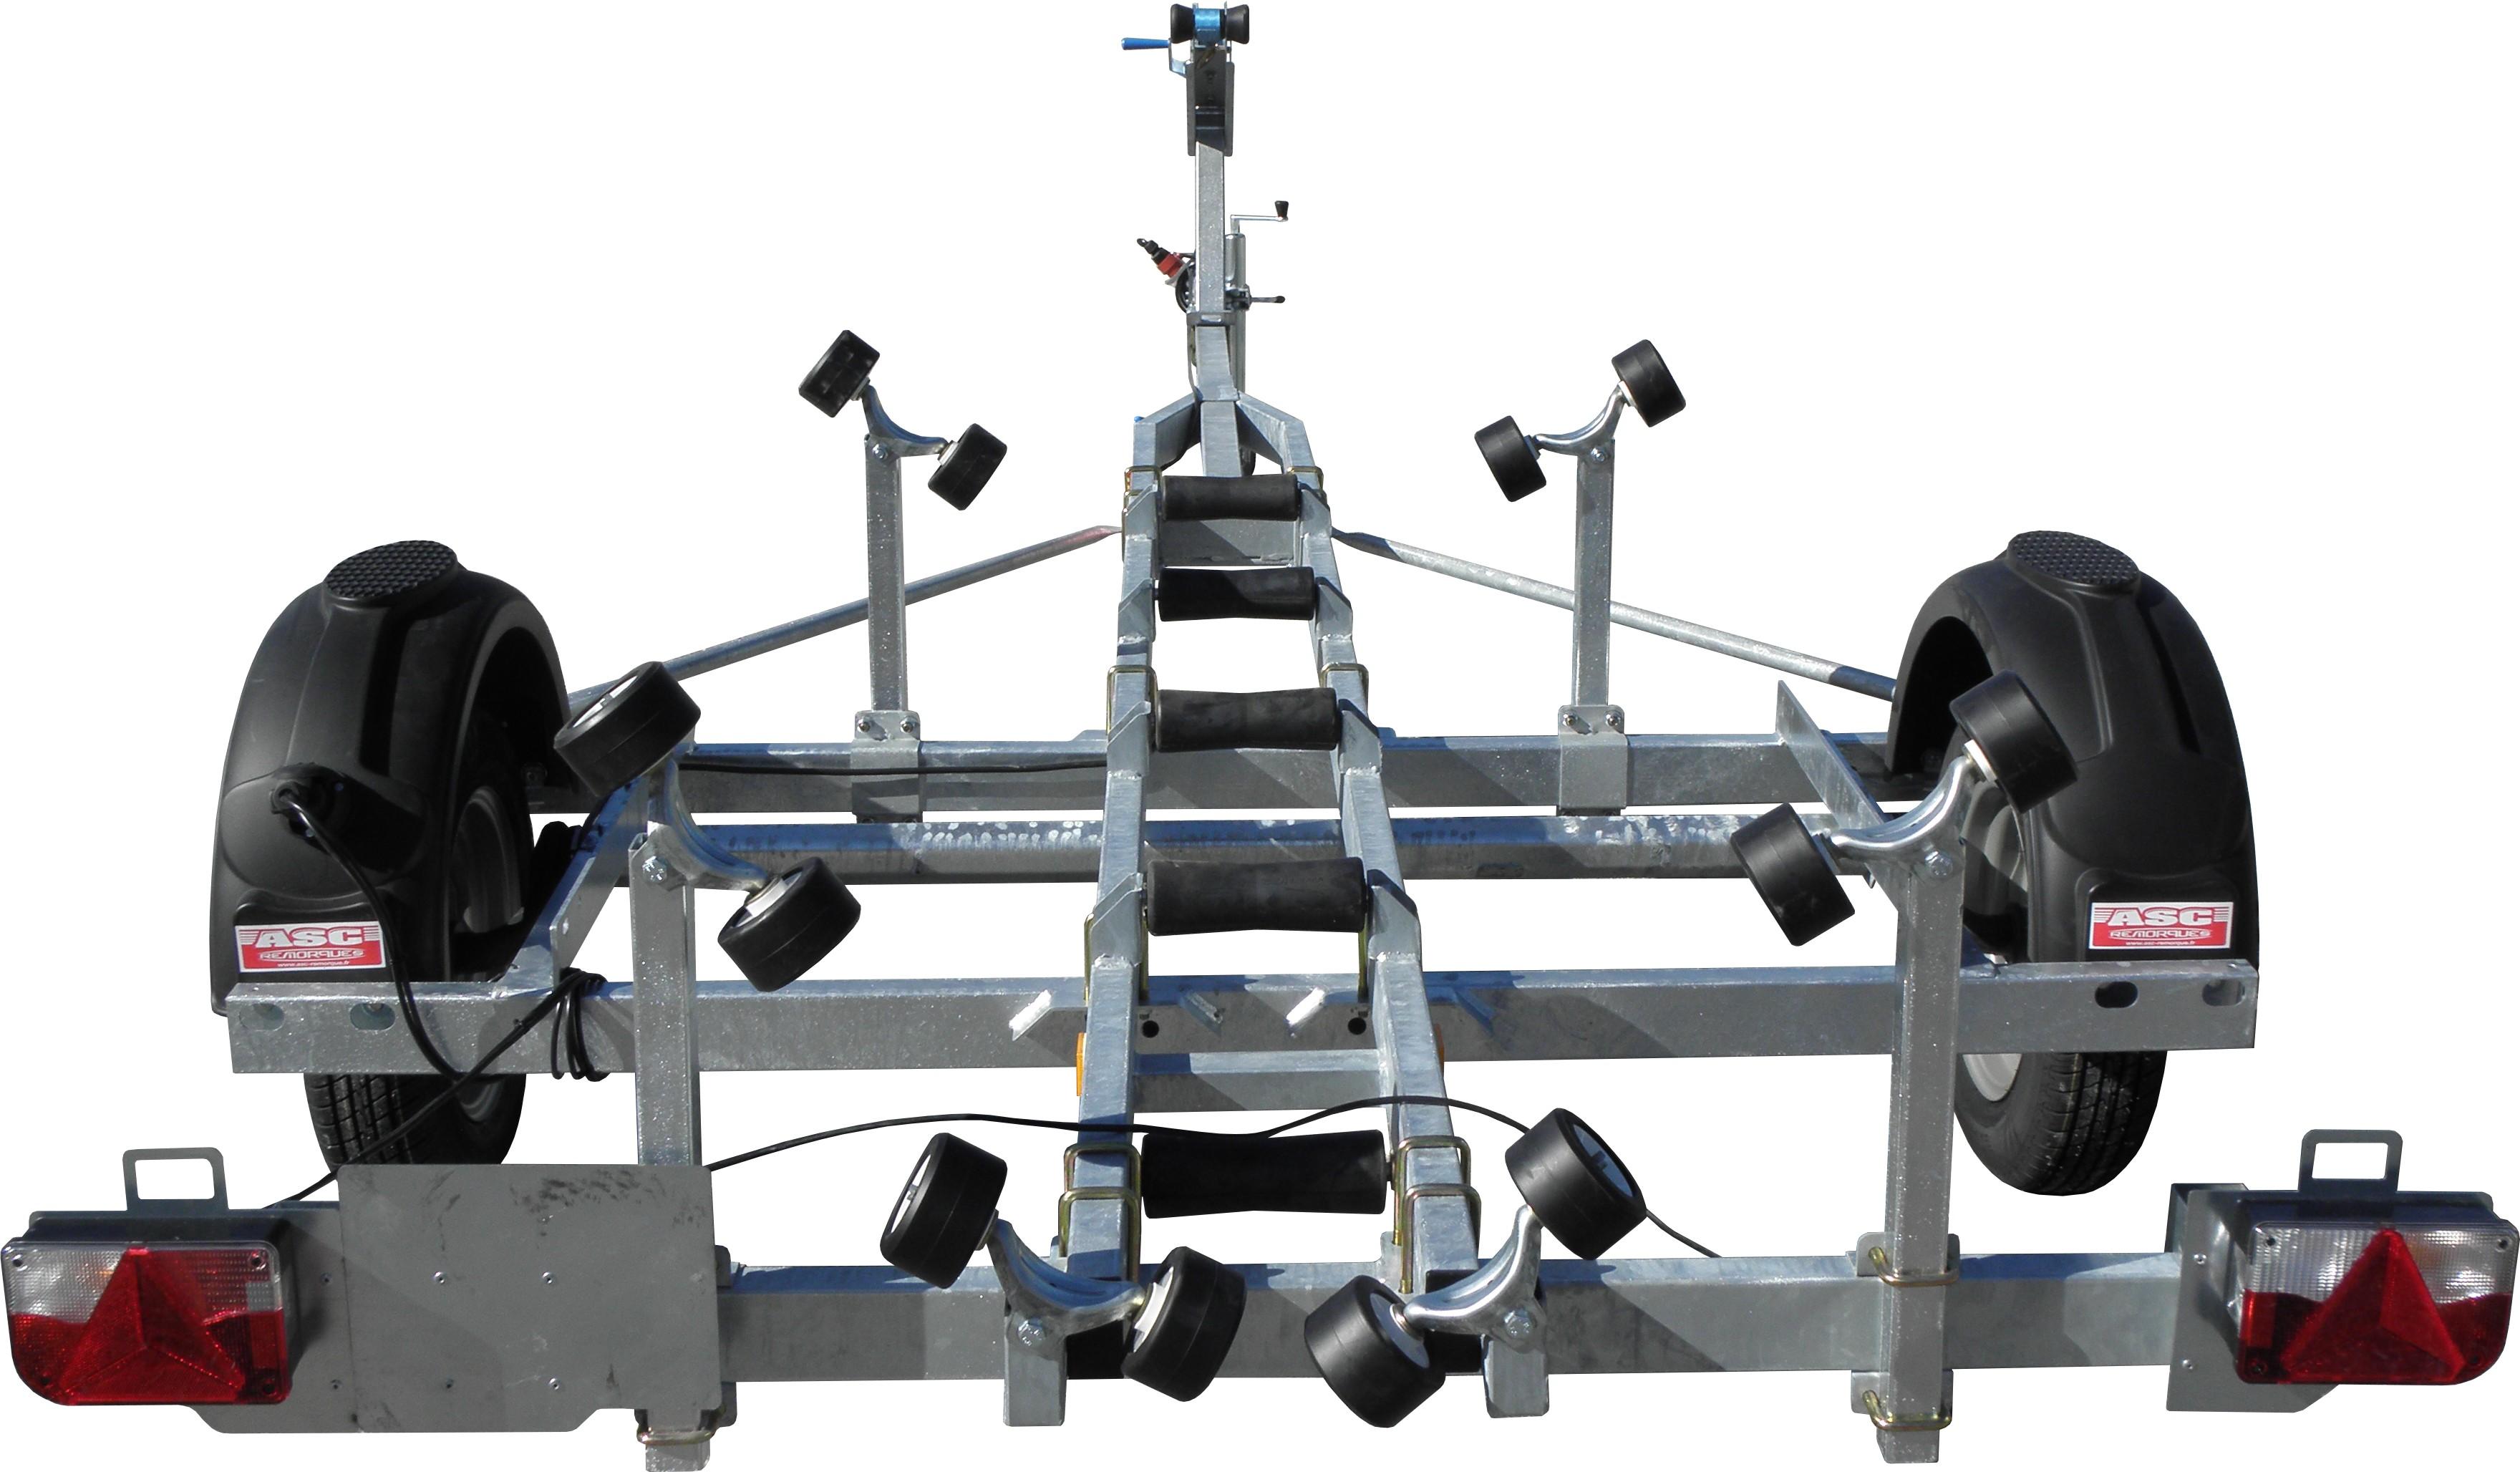 longueur remorque bateau automobiles pneus roues. Black Bedroom Furniture Sets. Home Design Ideas